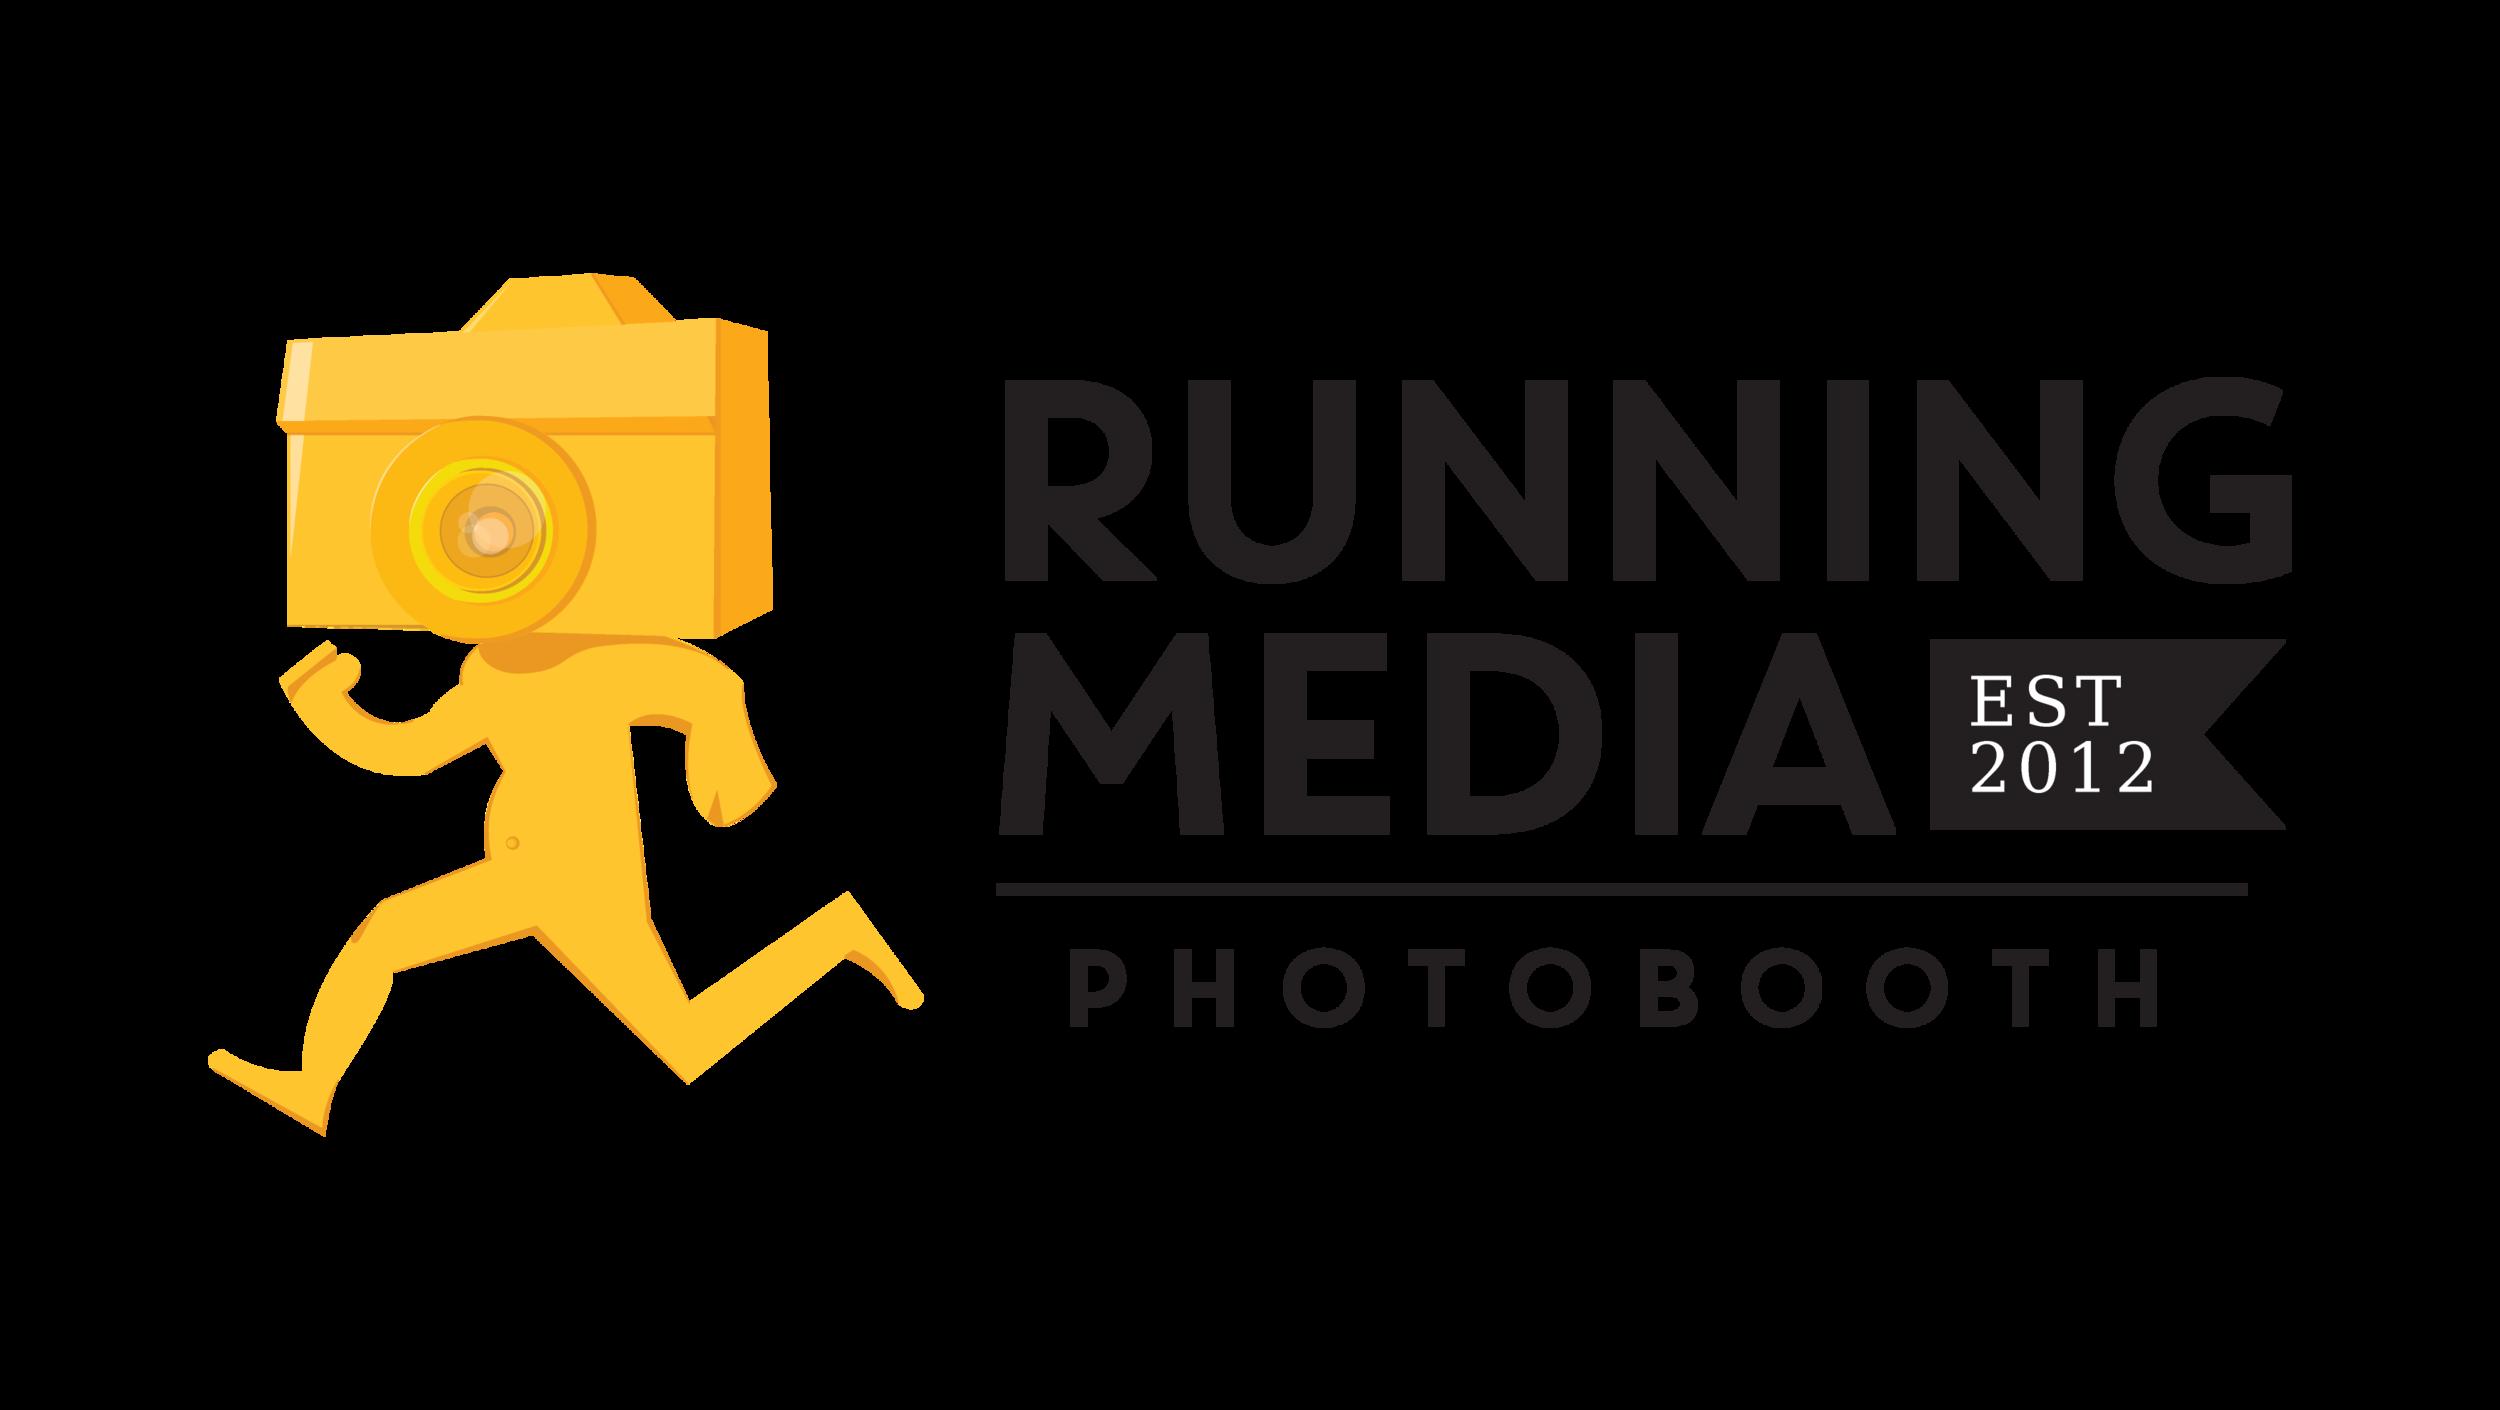 Running Media